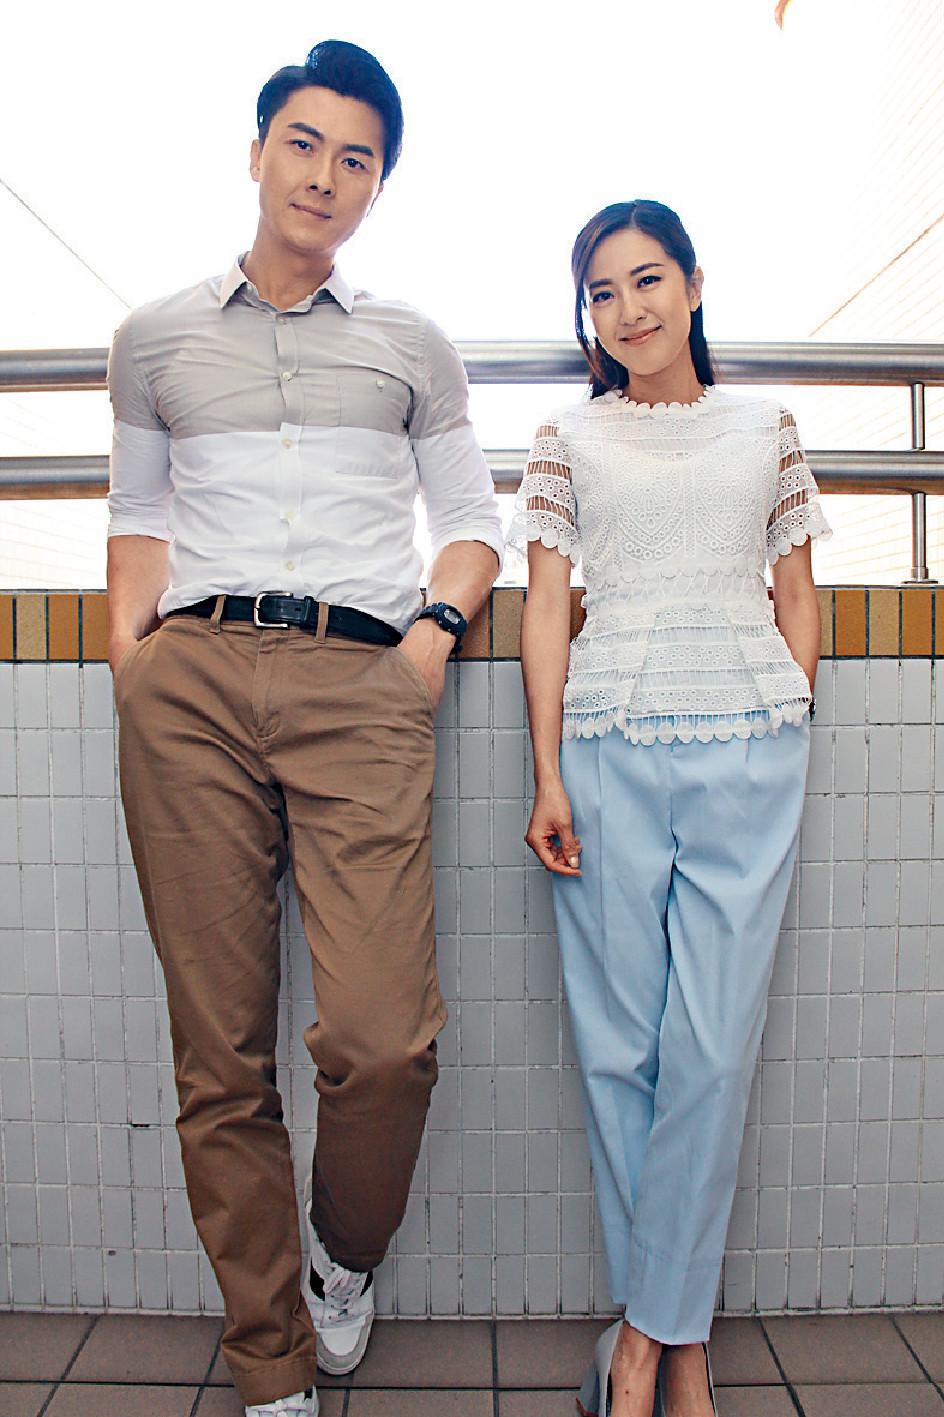 ■王浩信和唐詩詠呢對熒幕情侶再度合作更有默契,一埋位就交到戲。